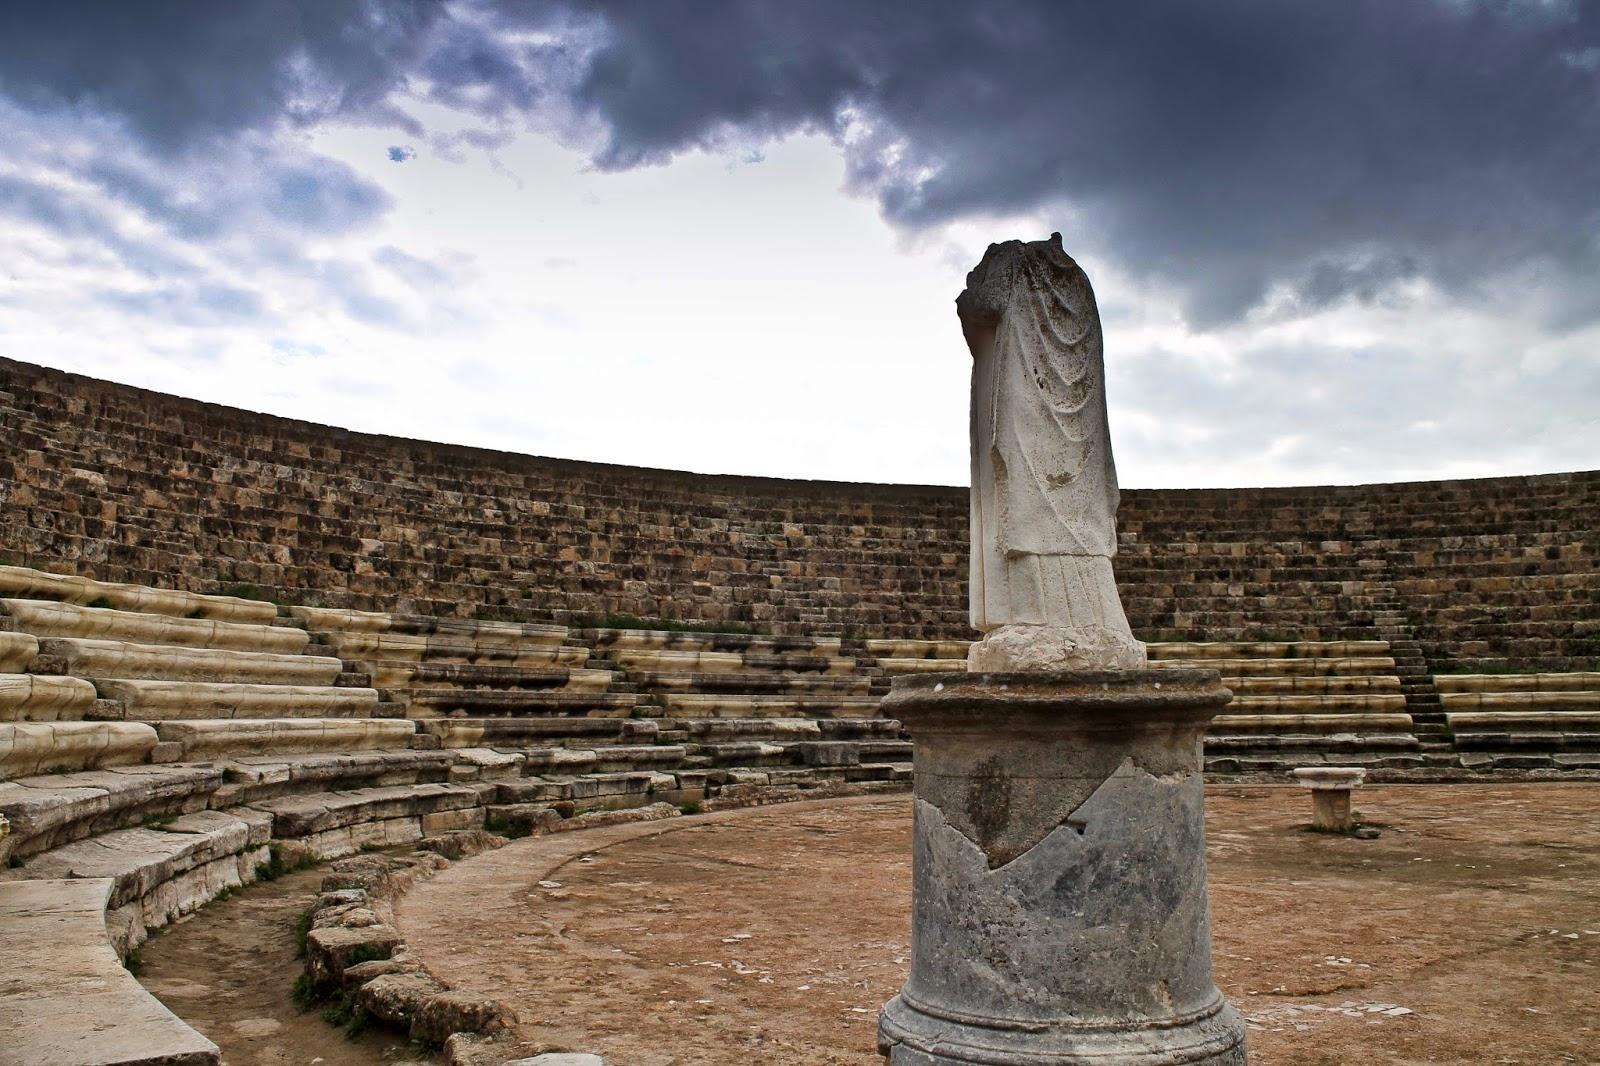 salamis kenti ile ilgili görsel sonucu